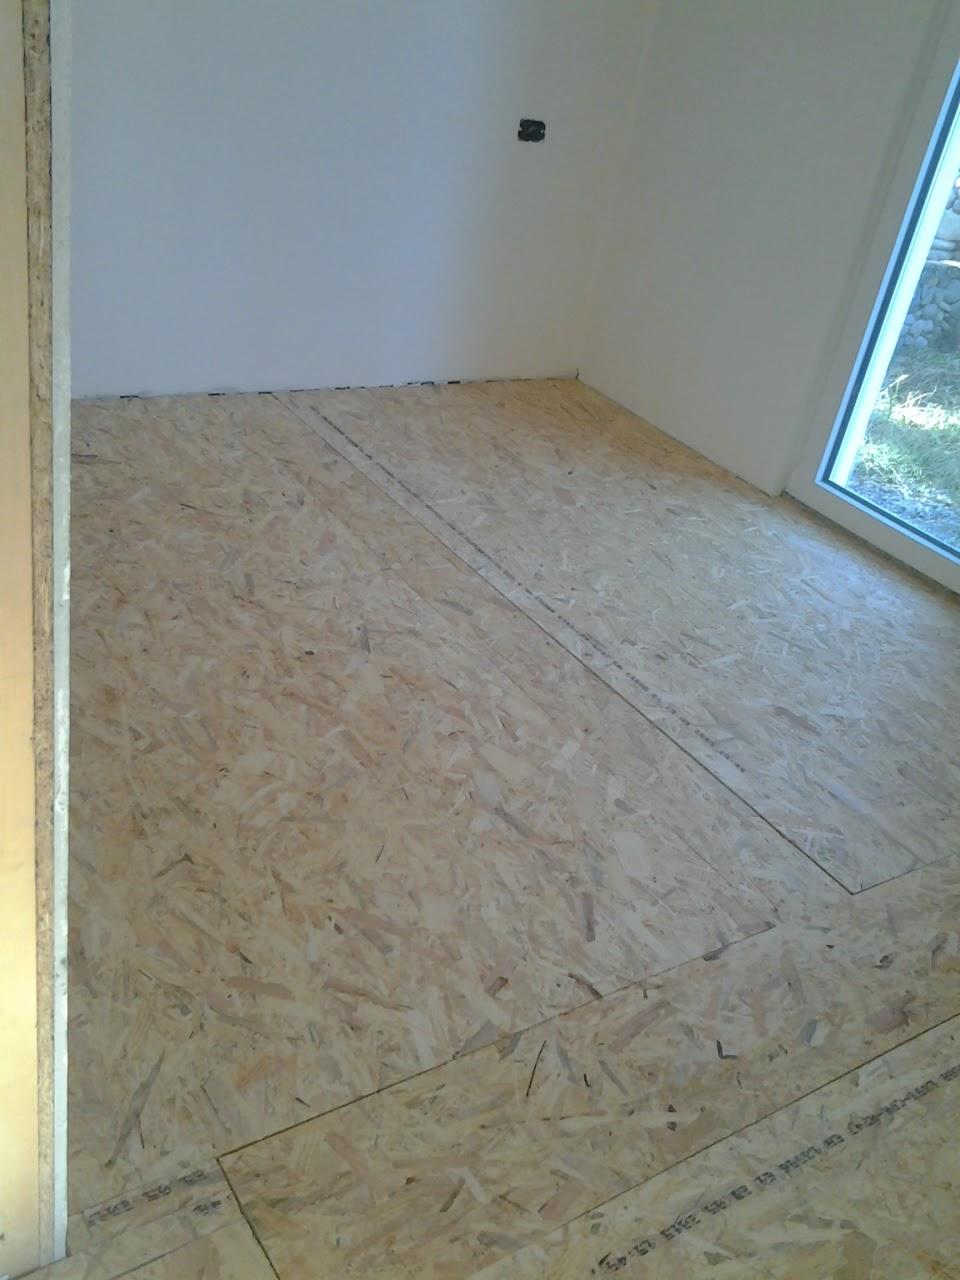 Le fasi di posa di un pavimento in larice massello - Piastrelle da incollare su pavimento esistente ...